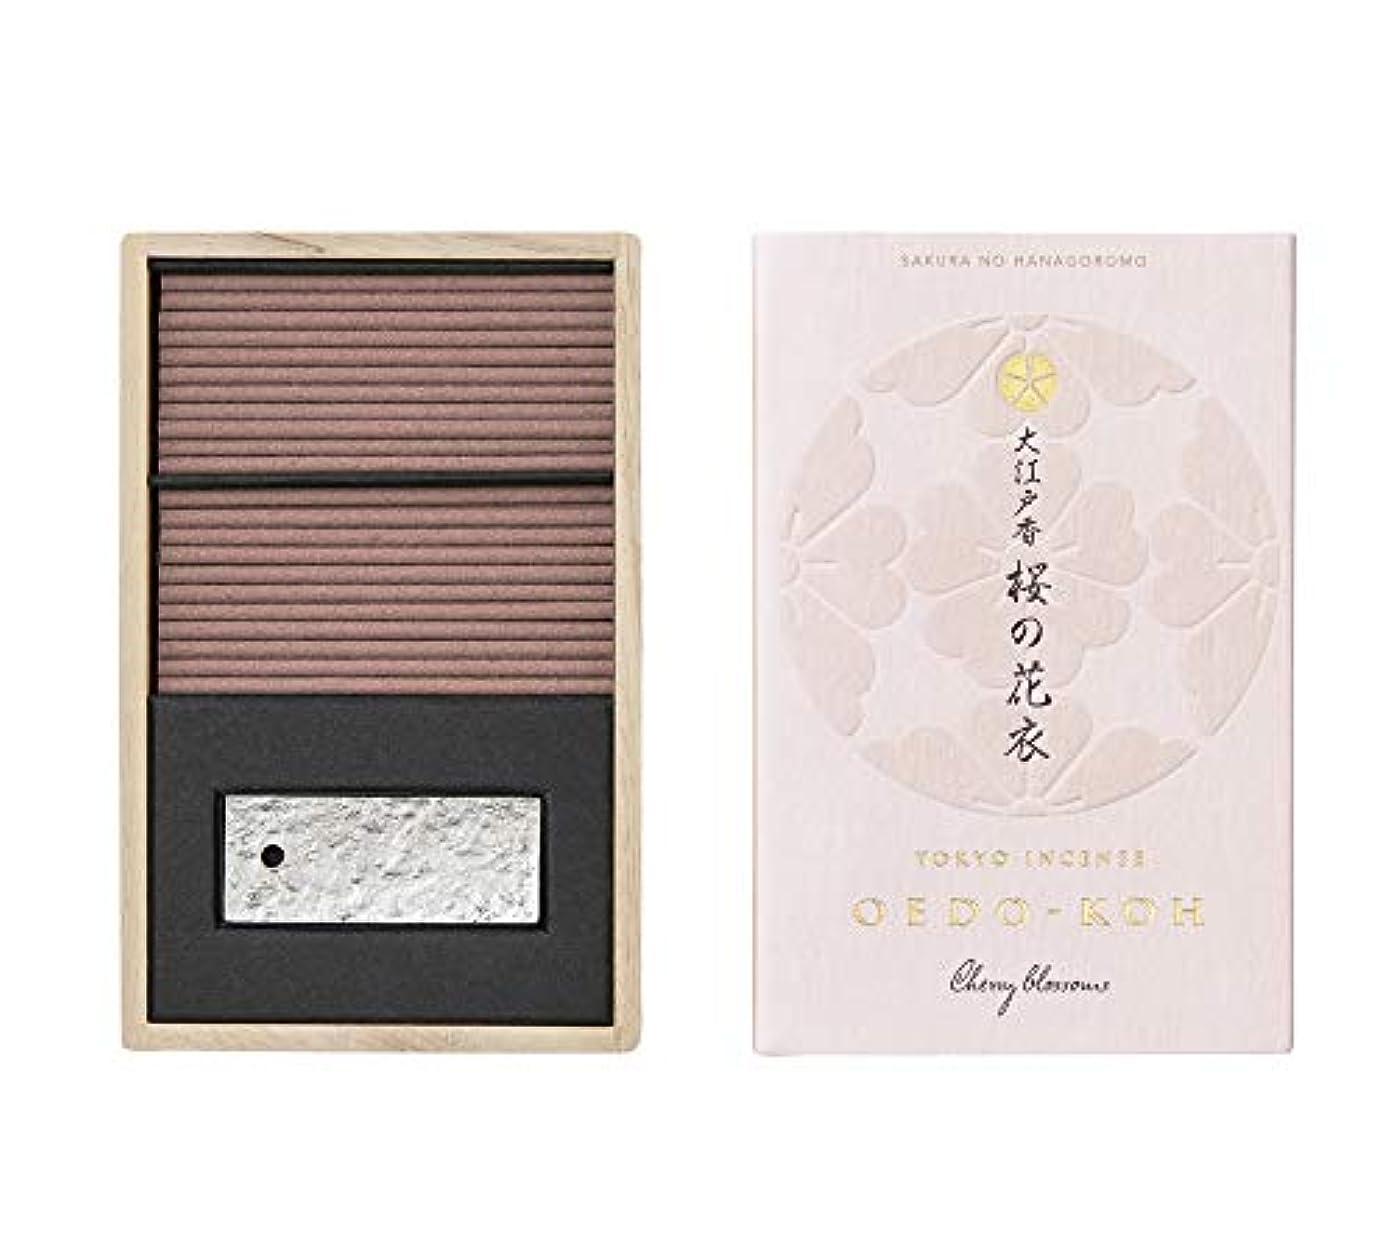 の間で知覚するシリアル日本香堂 大江戸香 桜の花衣(さくらのはなごろも) スティック60本入 香立付